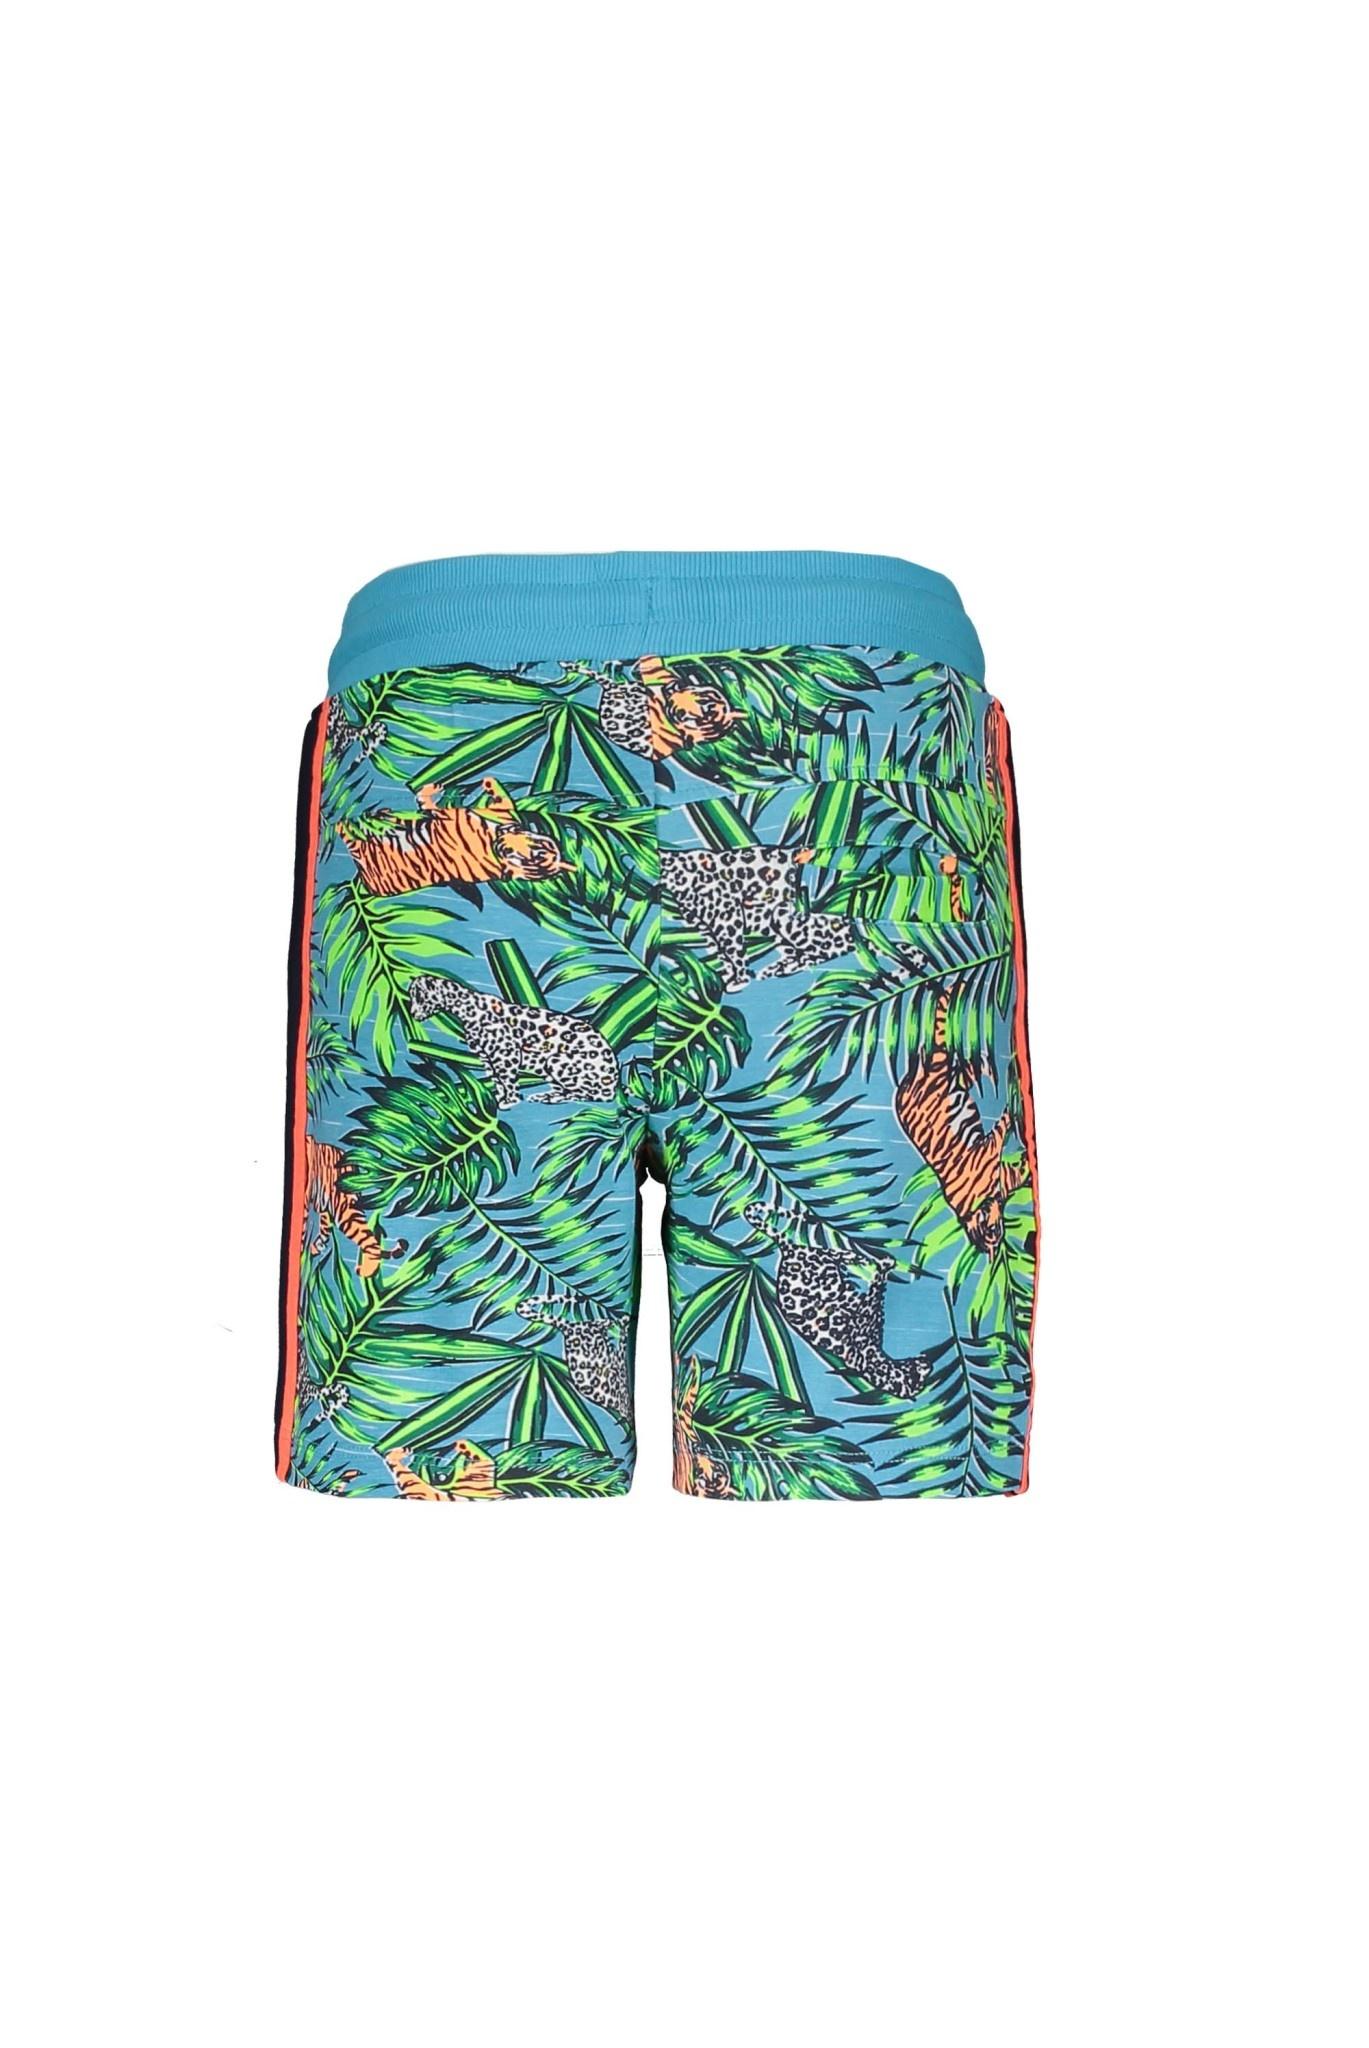 B.Nosy Jongens Short Met Jungleprint Y003-6622-2